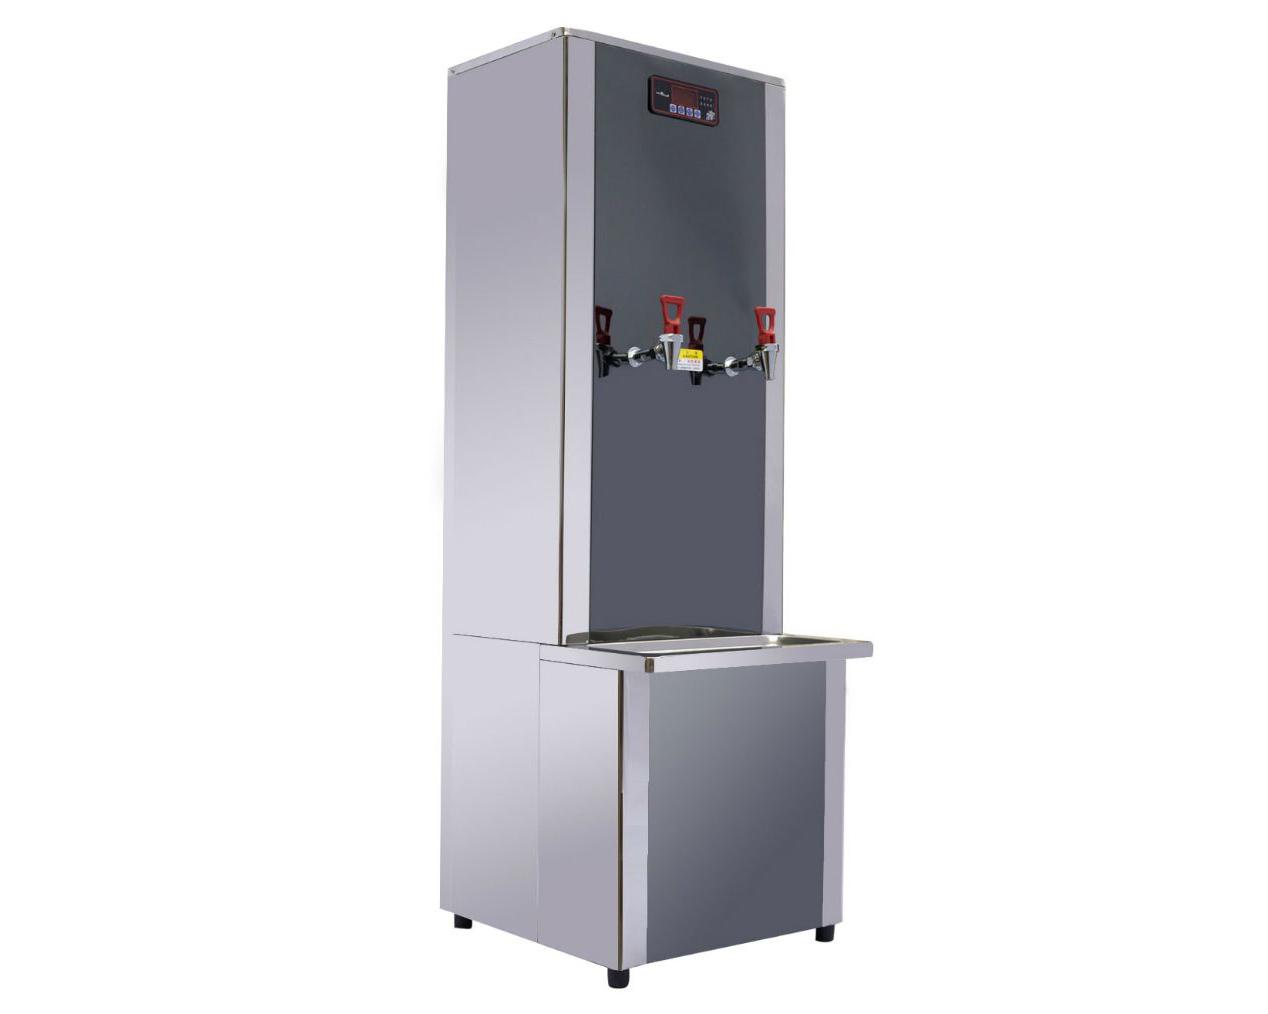 四川吧台厨房设备-节能开水器